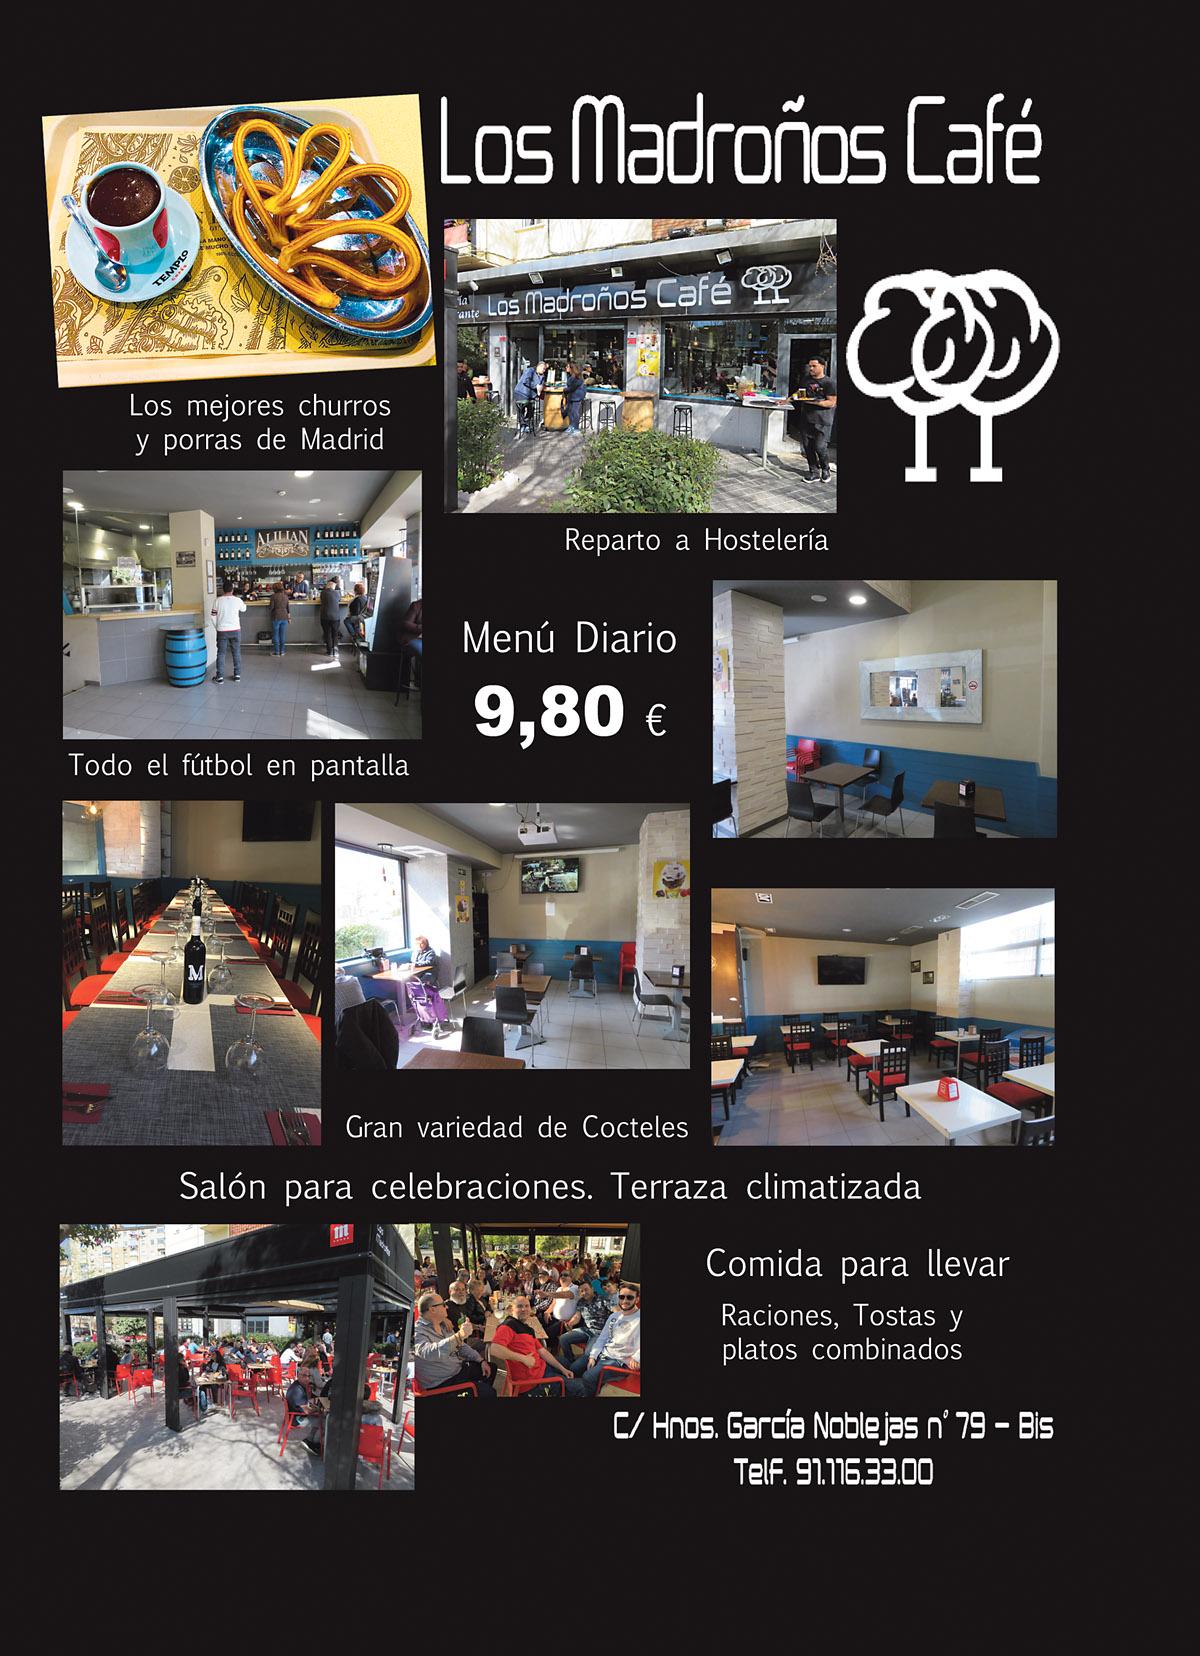 Los Madroños Café